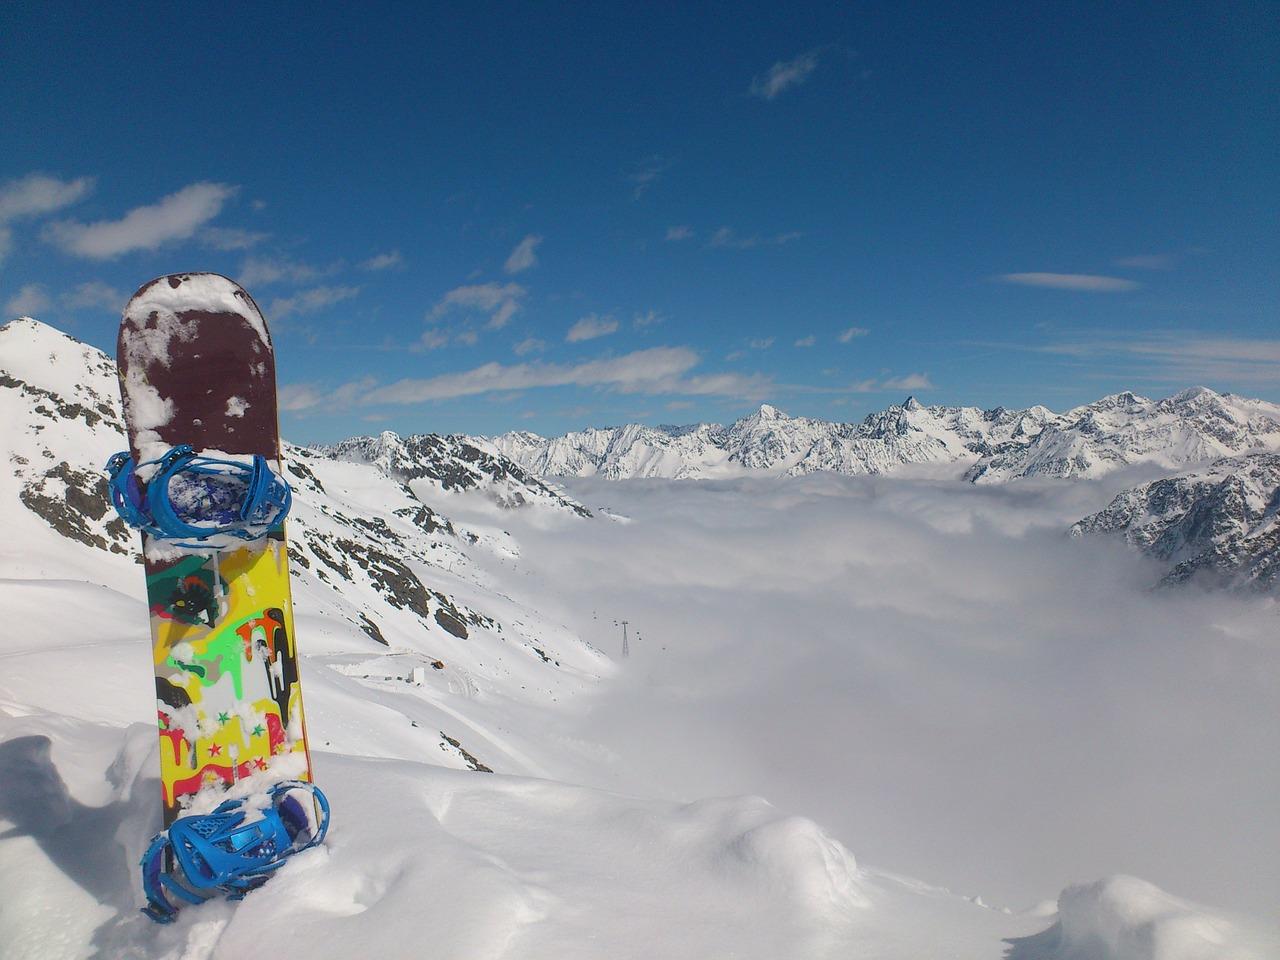 В горах Сочи начали продавать единые ски-пассы